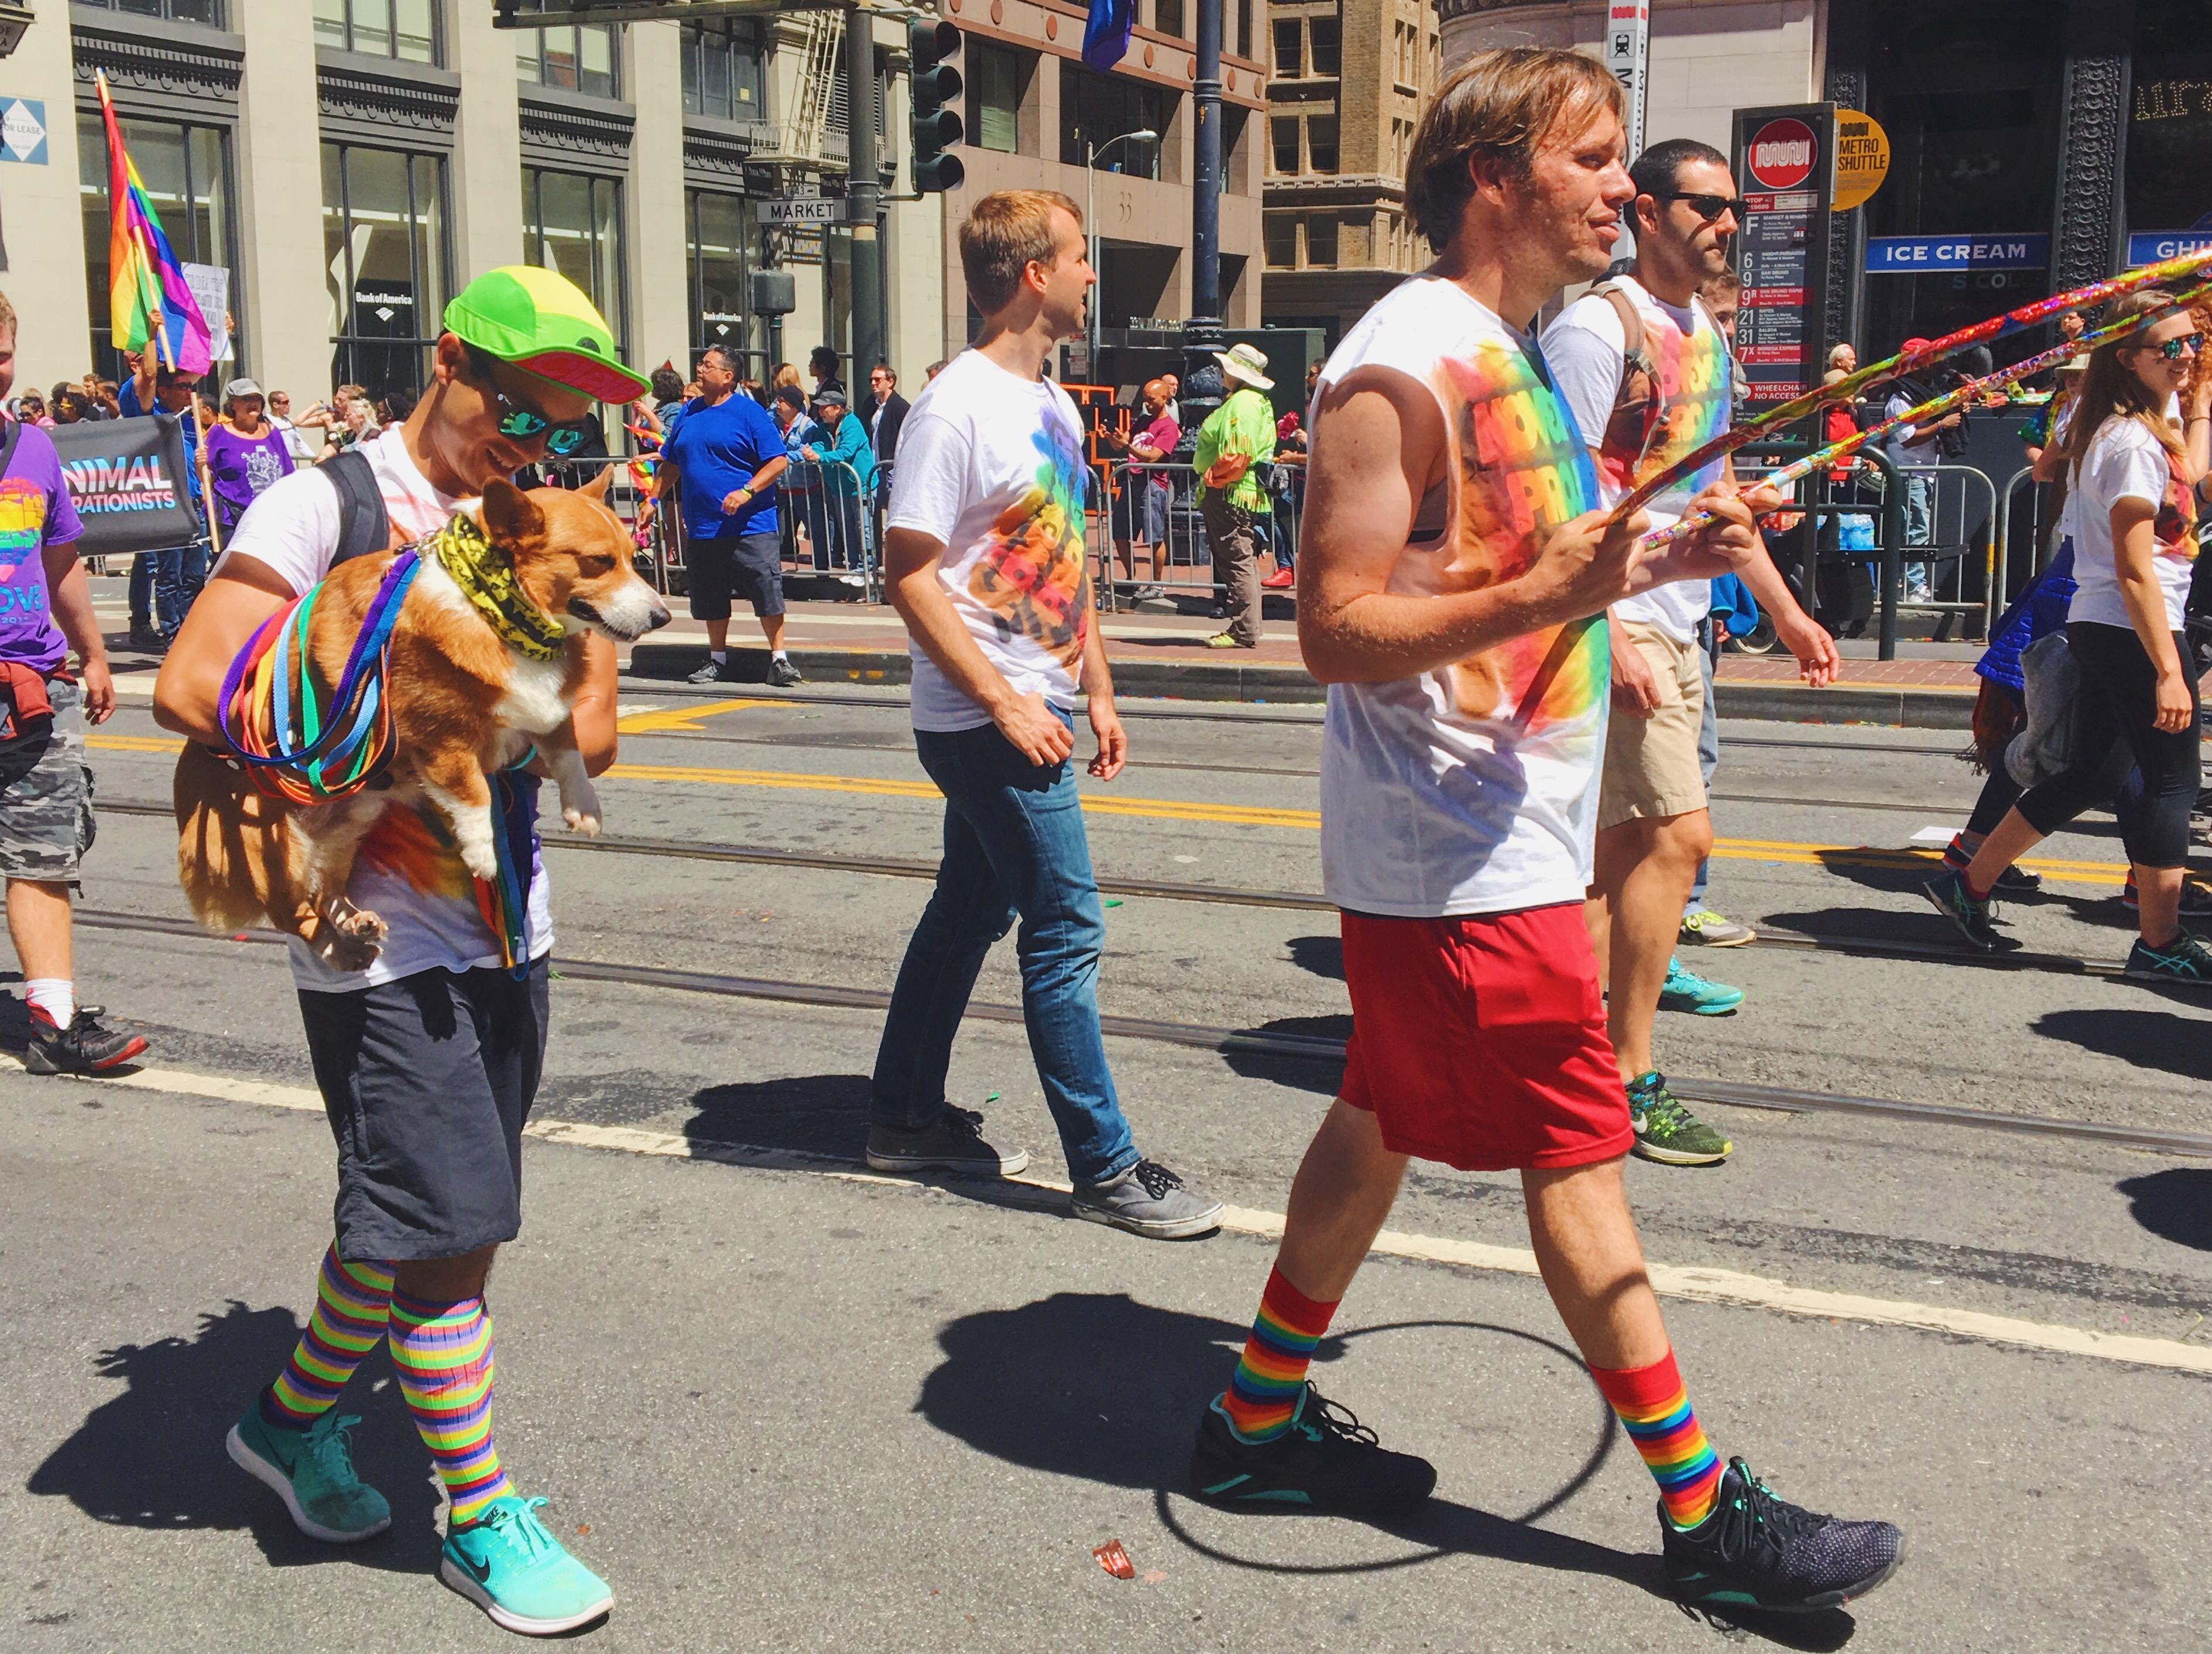 Cagnolino - L'evento migliore di San Francisco - la LGBTQ Pride Parade